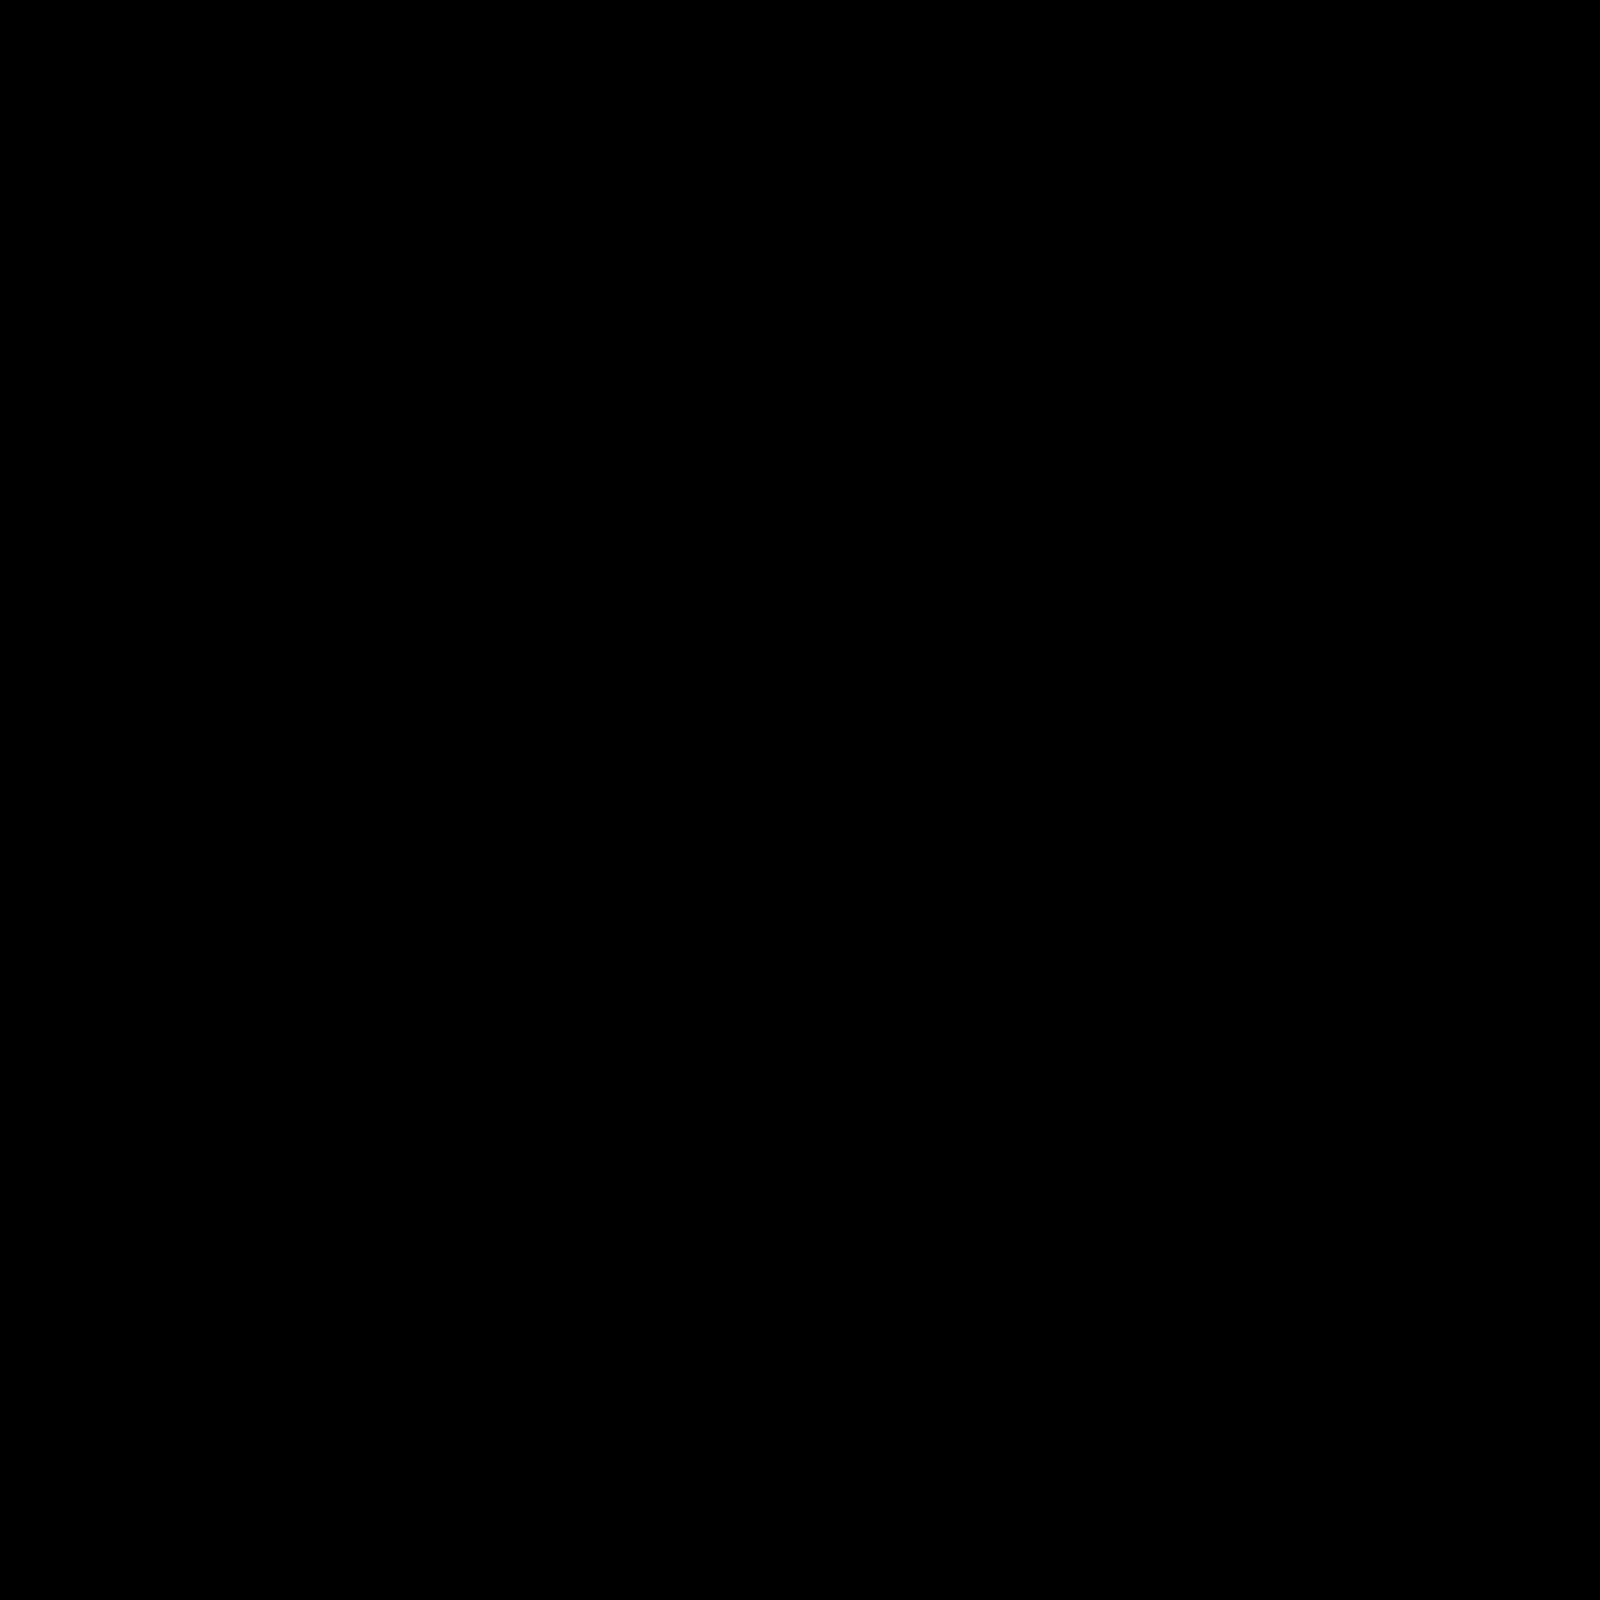 Powrót icon